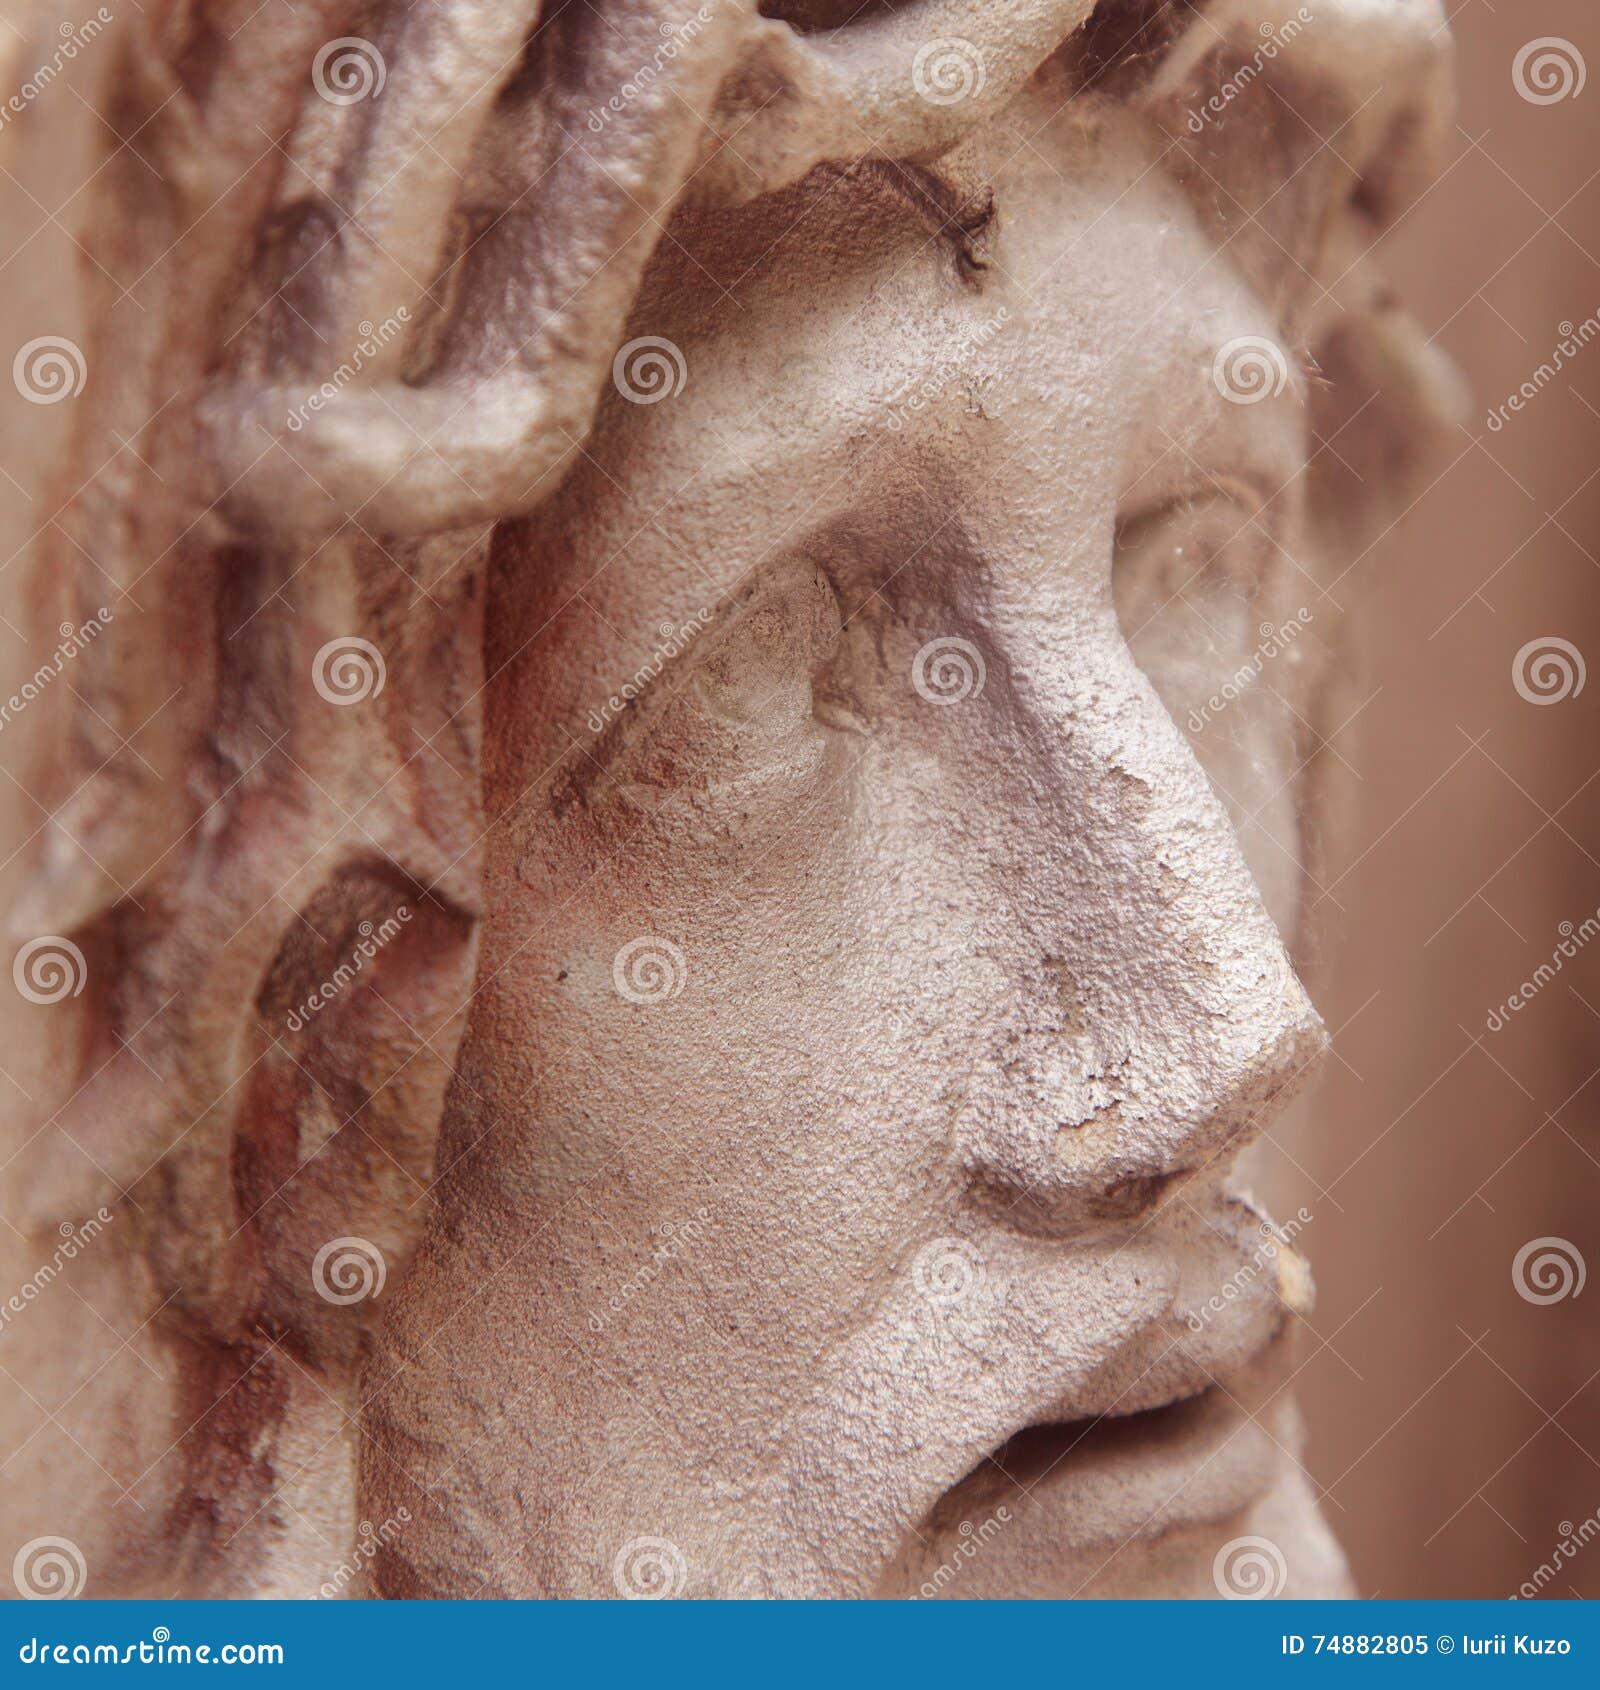 Πρόσωπο της κορώνας του Ιησούς Χριστού των αγκαθιών (άγαλμα)